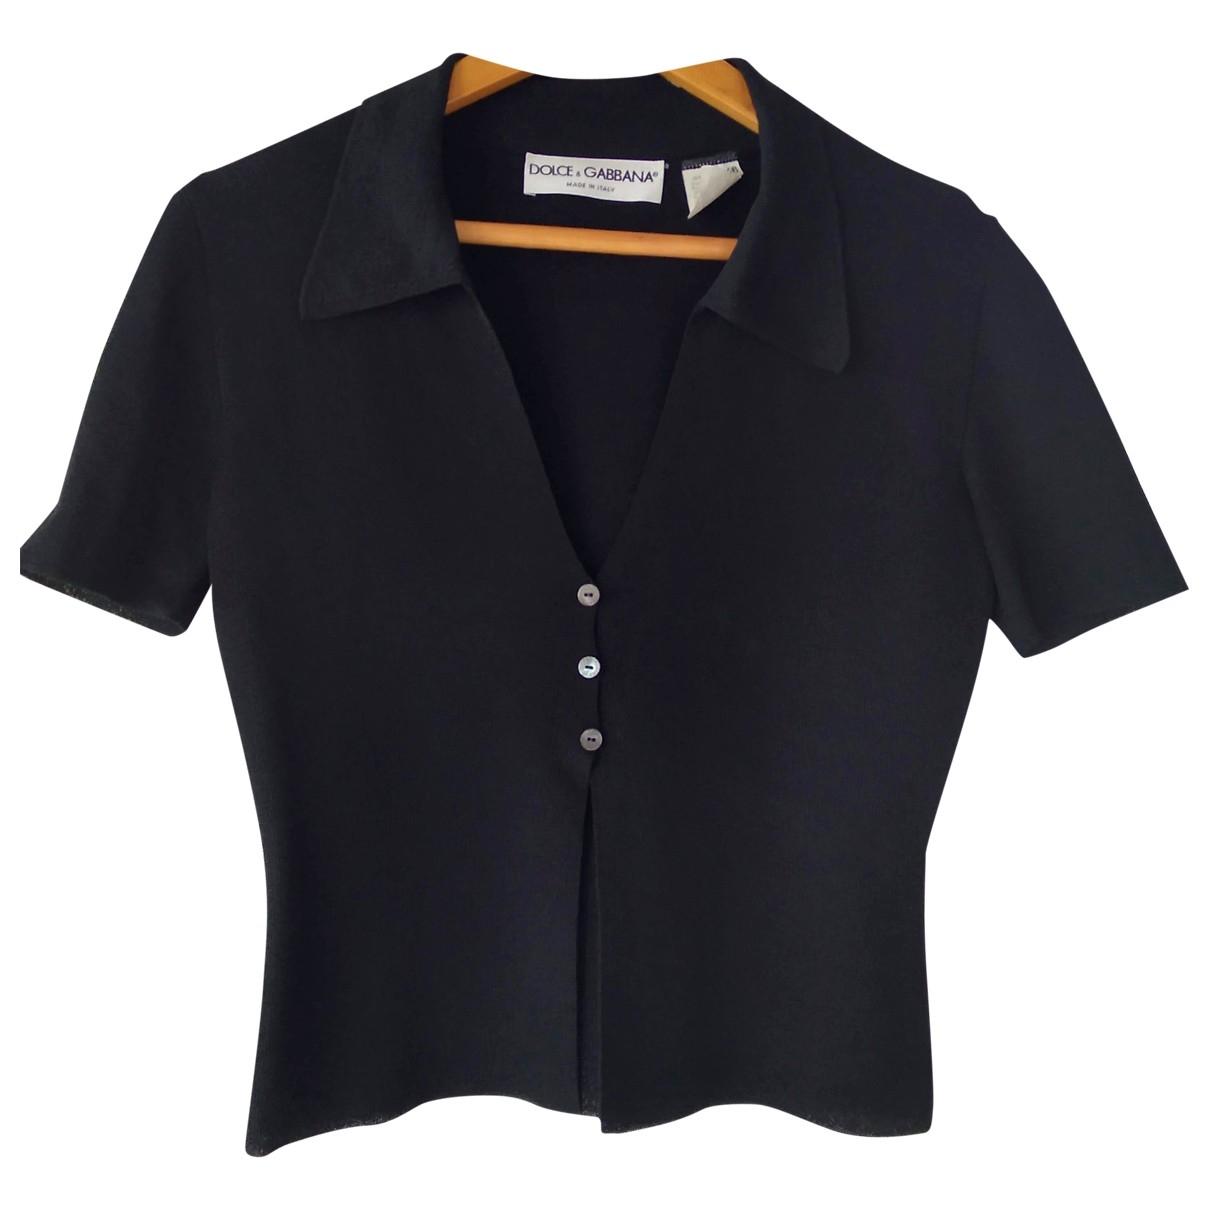 Dolce & Gabbana \N Black  top for Women 46 IT